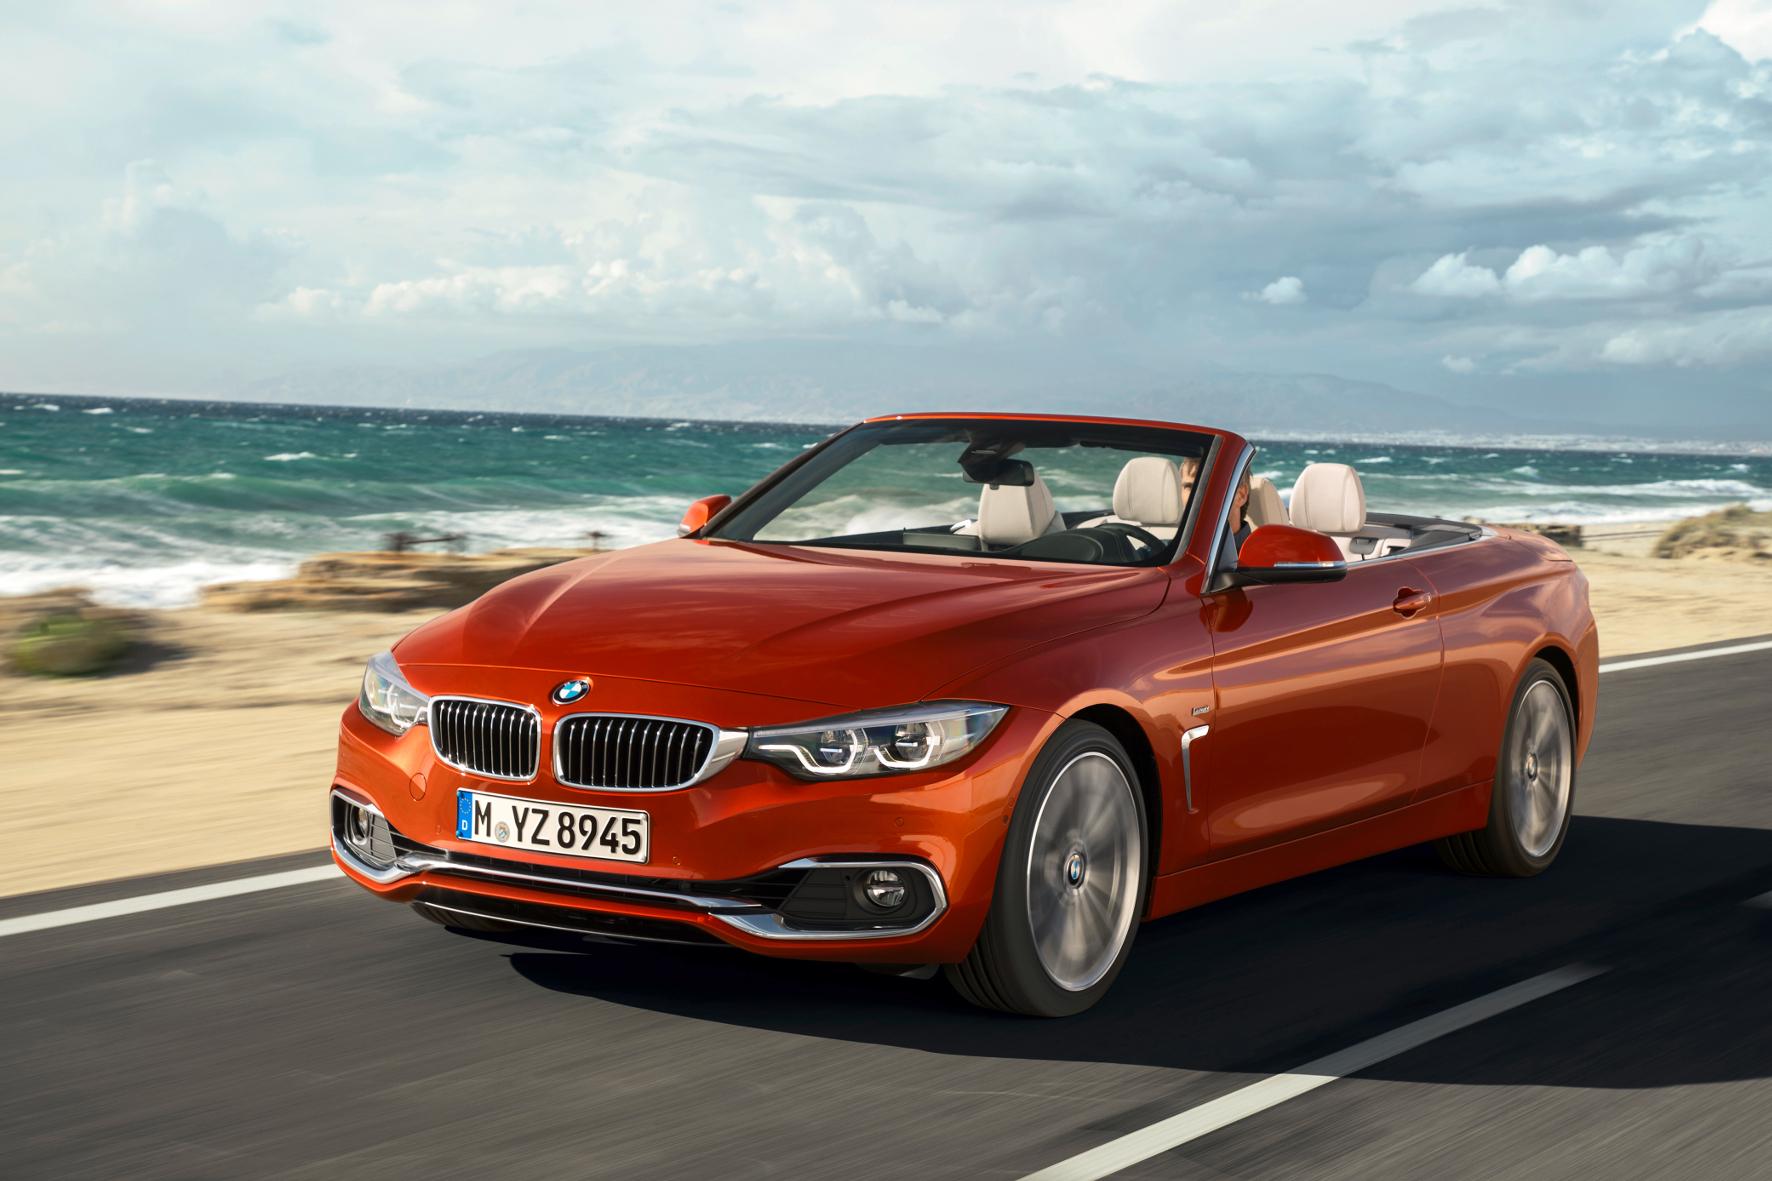 mid Groß-Gerau - Feinschliff für den schicken Bayern: BMW frischt seine 4er-Baureihe aus Cabrio, Coupé und Gran Coupé auf.